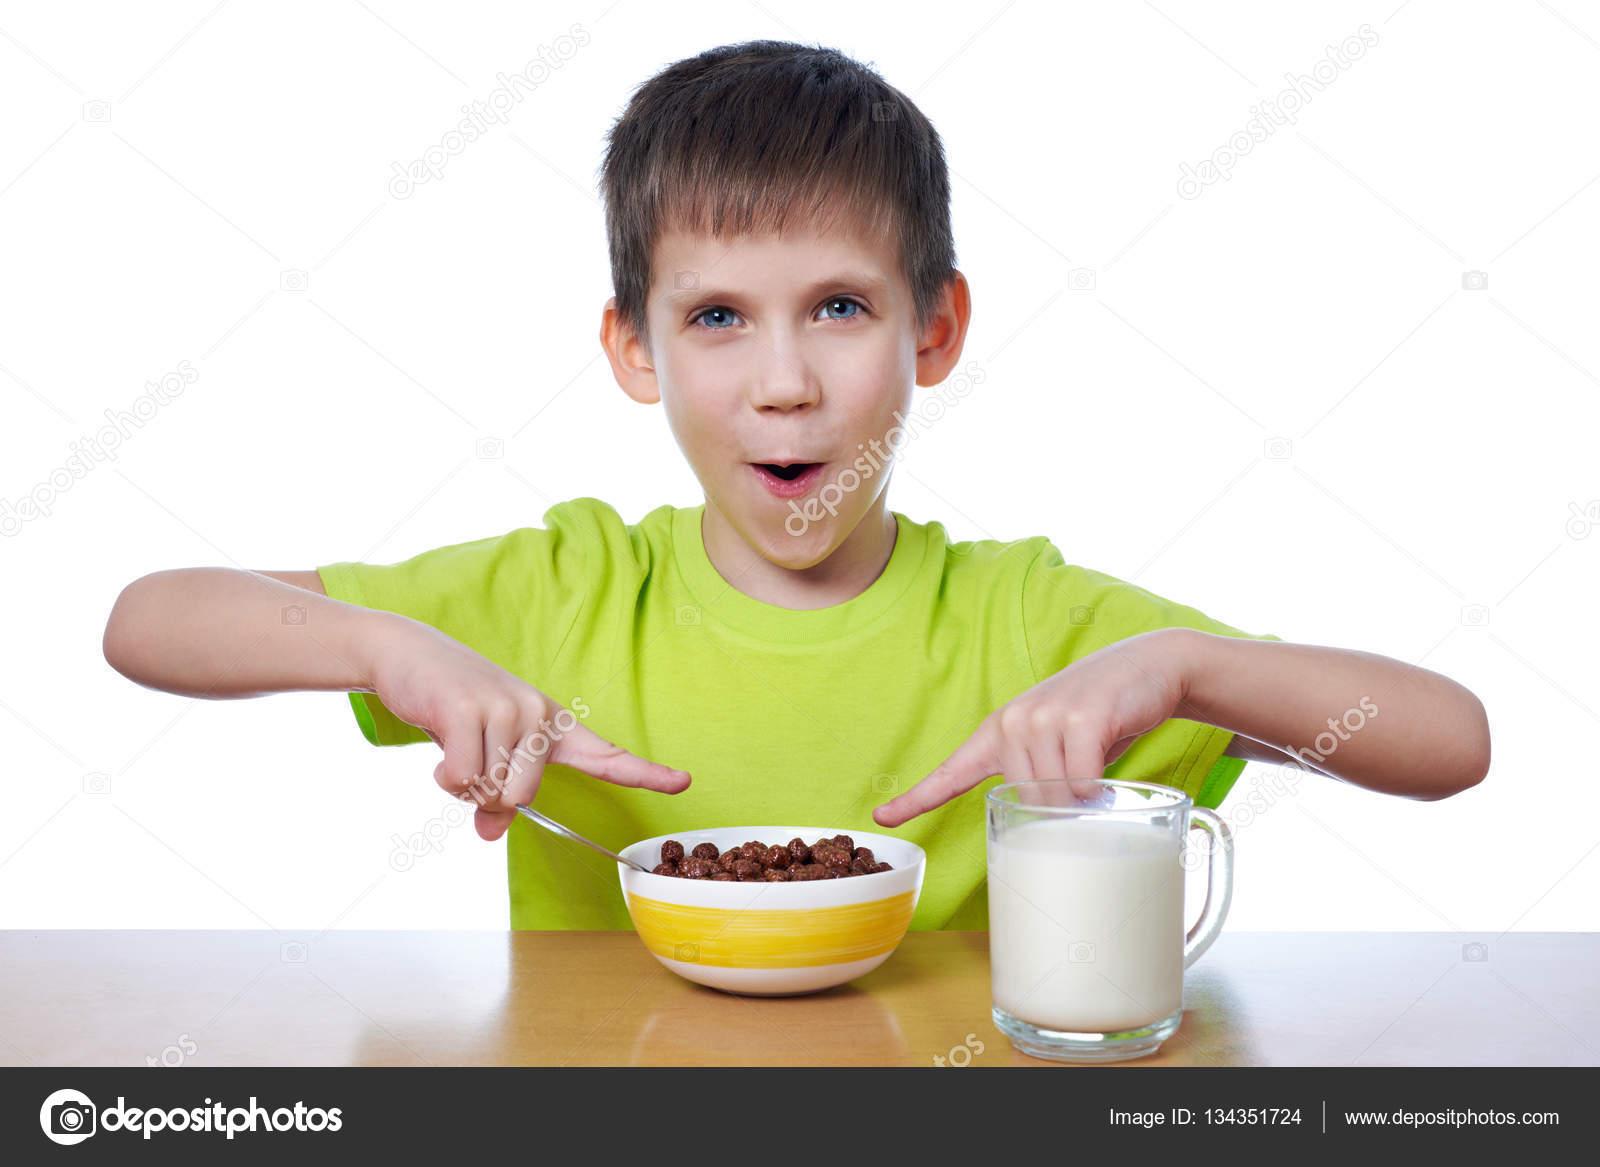 Imágenes: Un Nino Desayunando